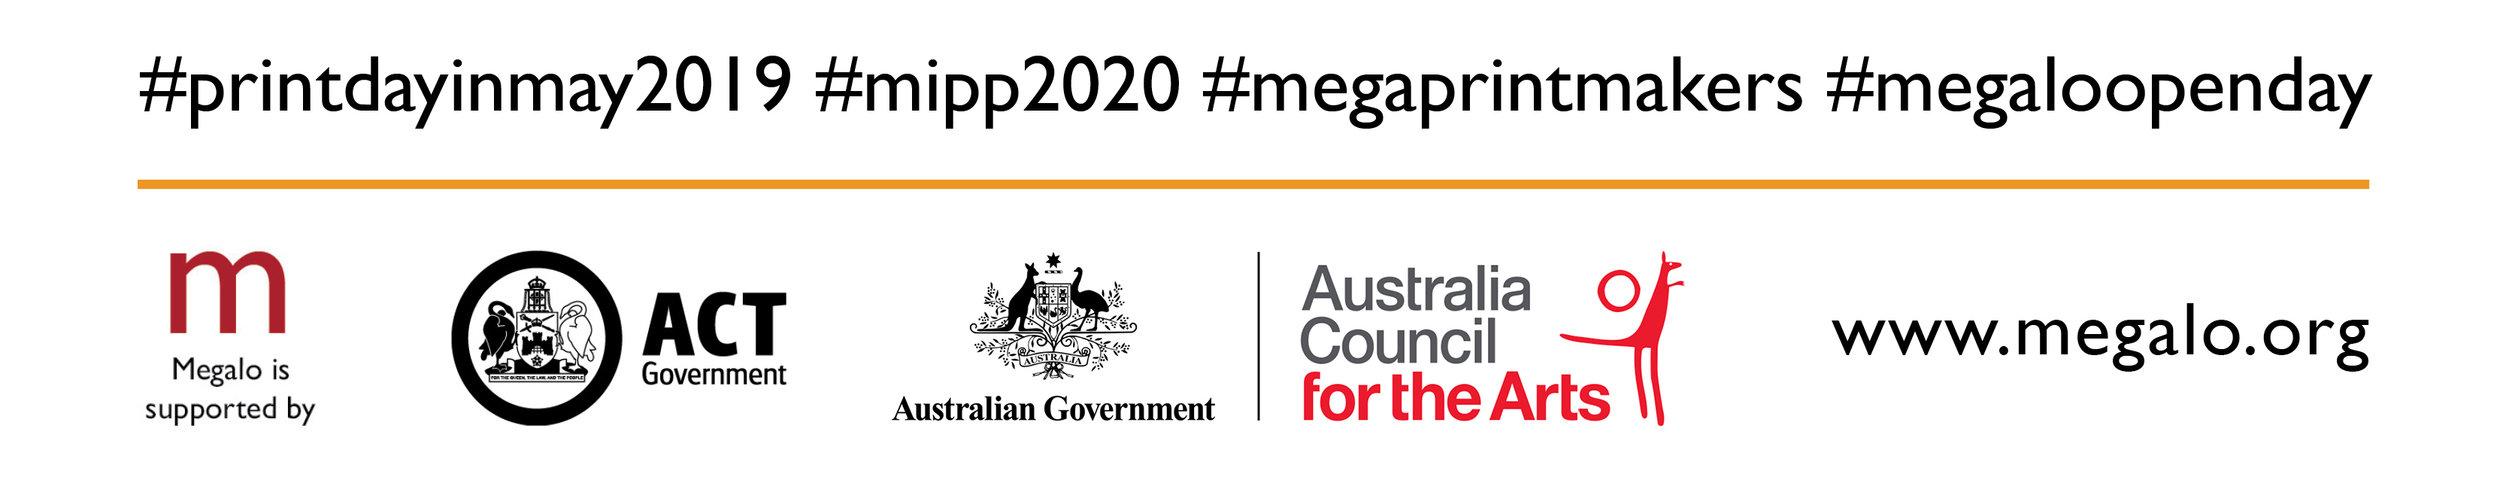 Megalo_Open Day 2019_Logos.jpg